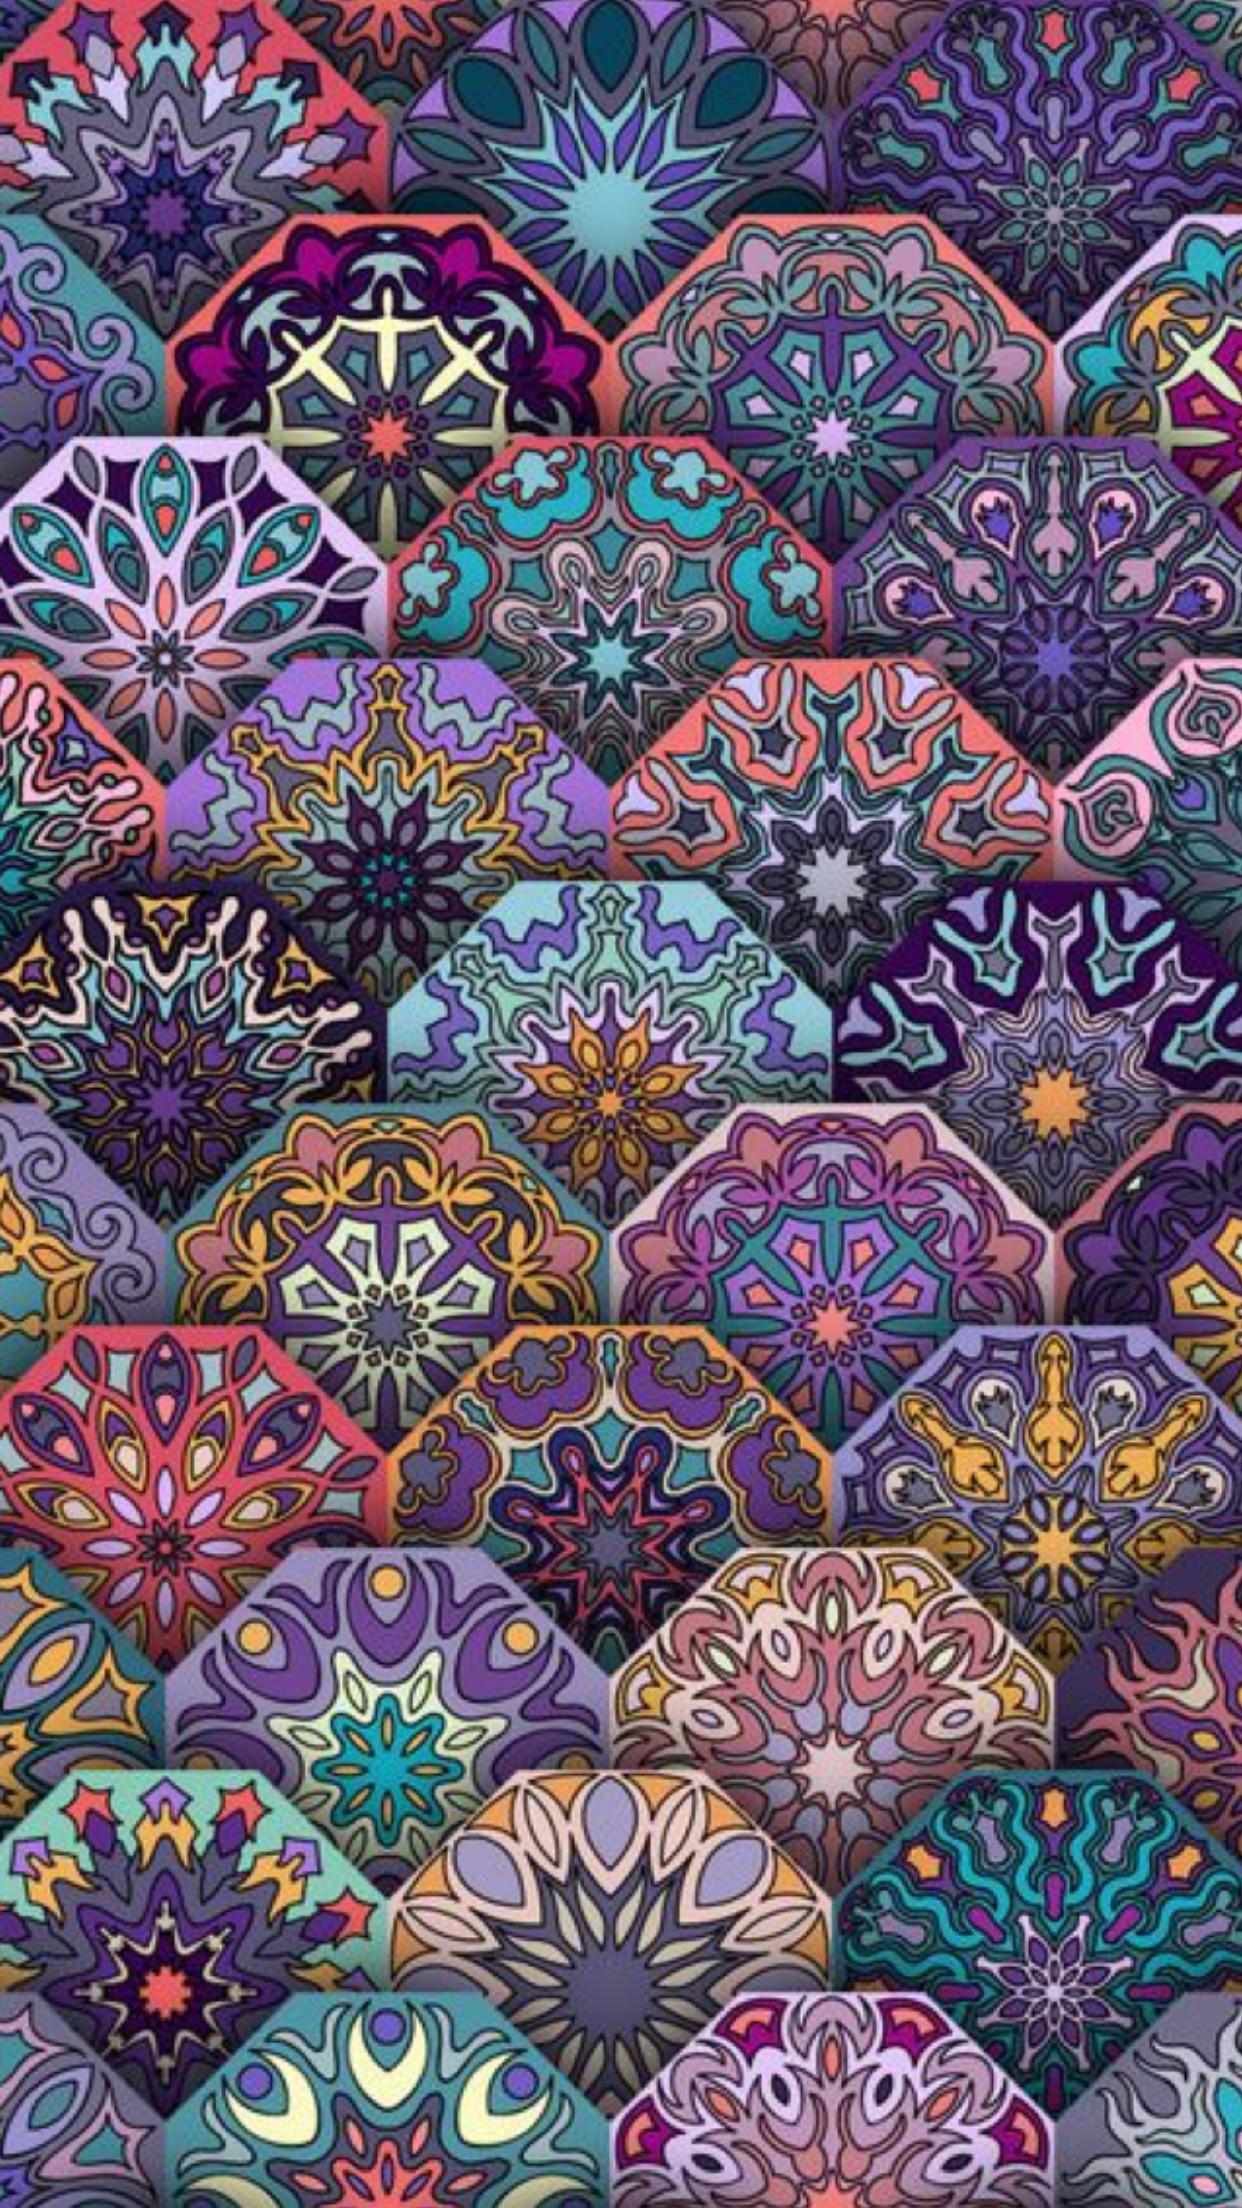 Kaleidoscope Canes Mandala Wallpaper Art Wallpaper Fractal Art